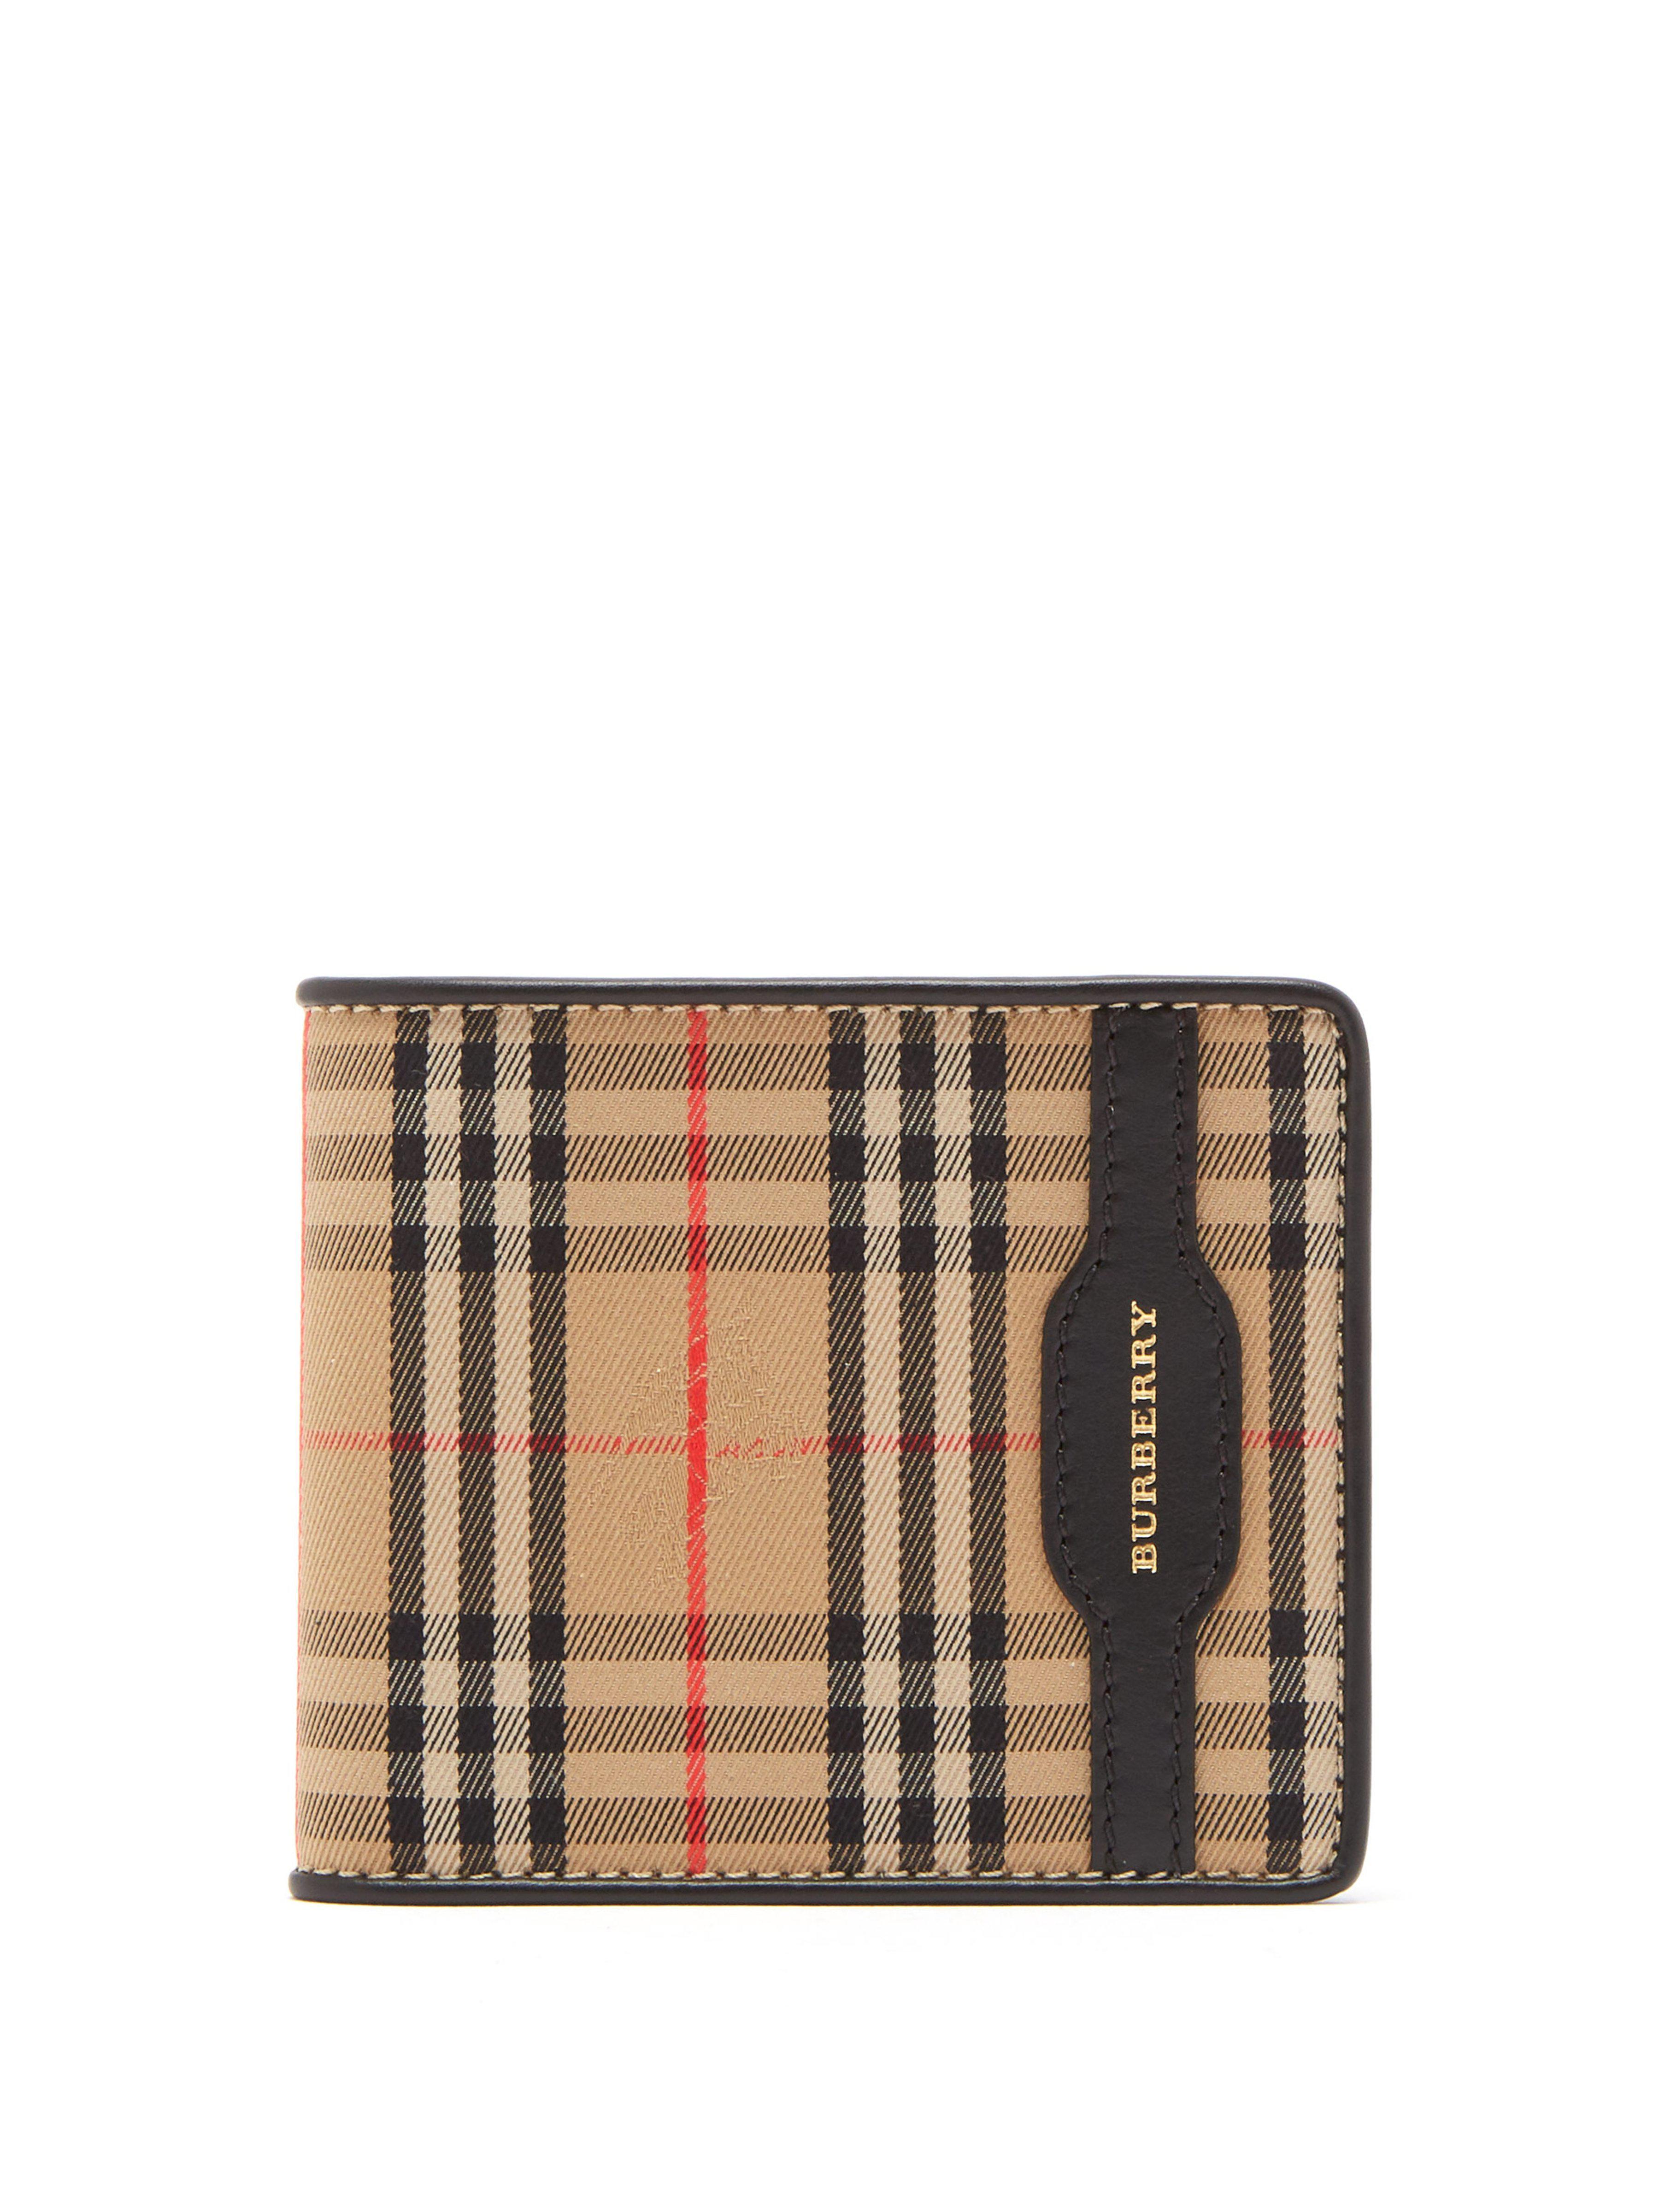 d260d4217506 Burberry Haymarket Check Bi Fold Wallet in Black for Men - Save ...